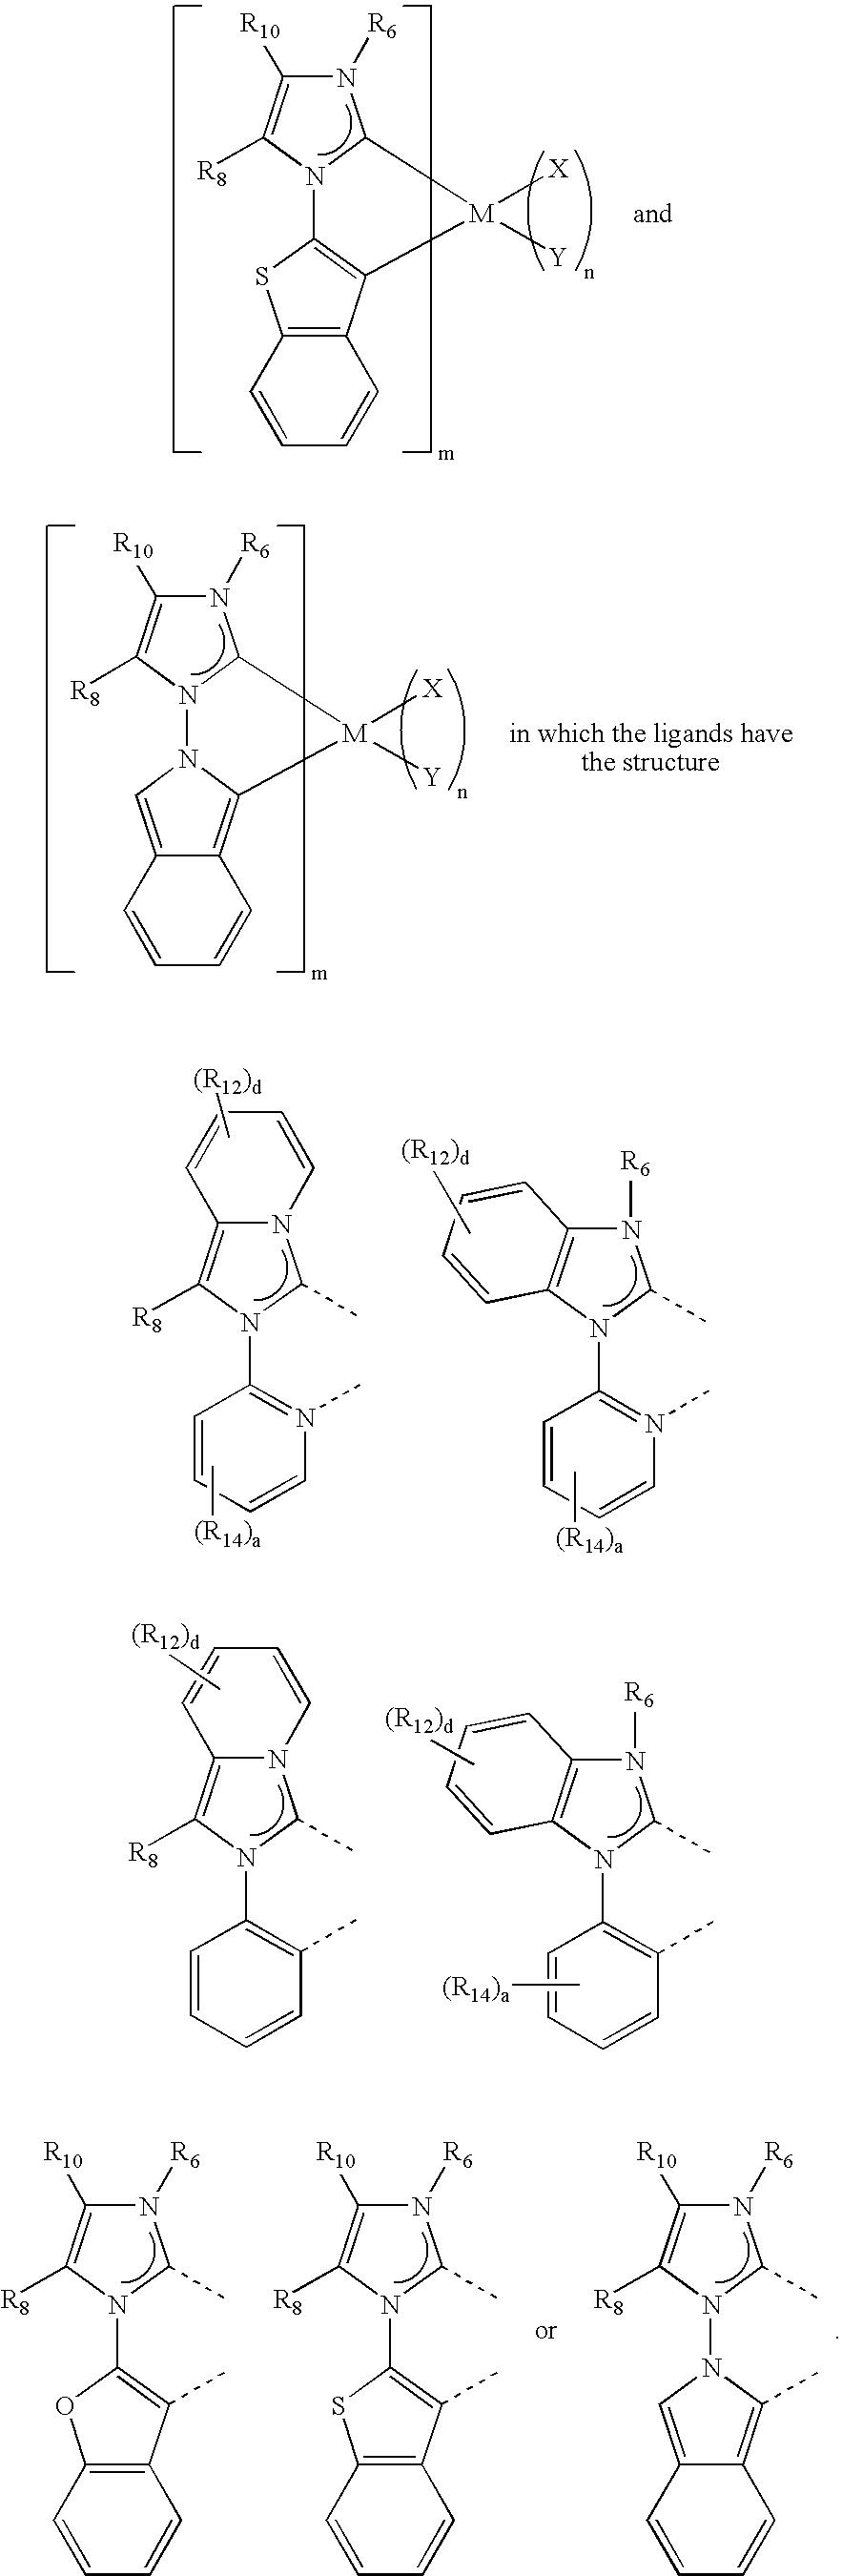 Figure US07491823-20090217-C00027